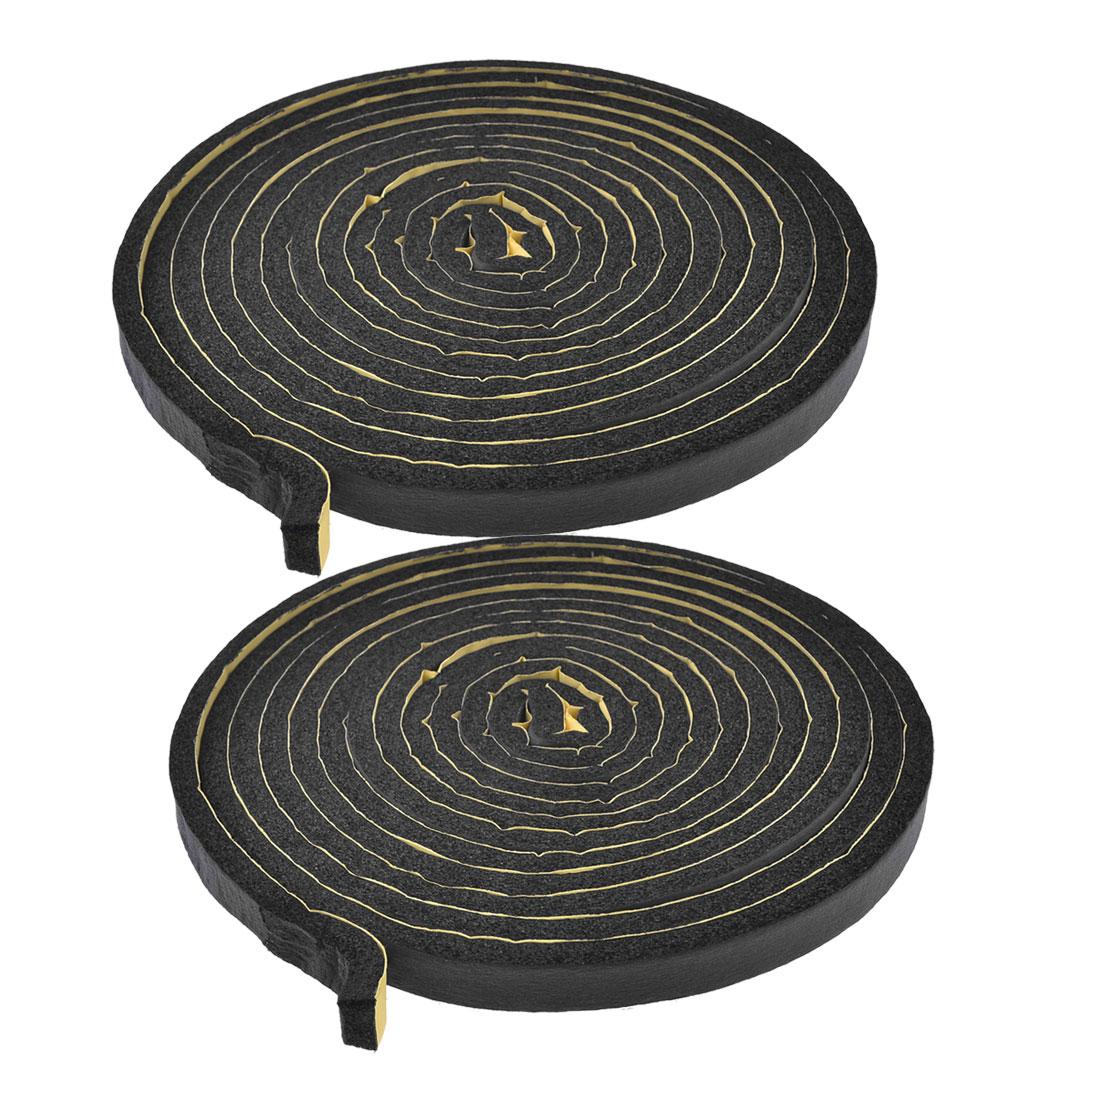 2 Pcs 5 Meters 20mm Wide Black Foam Air Sealed Strip for Car Door